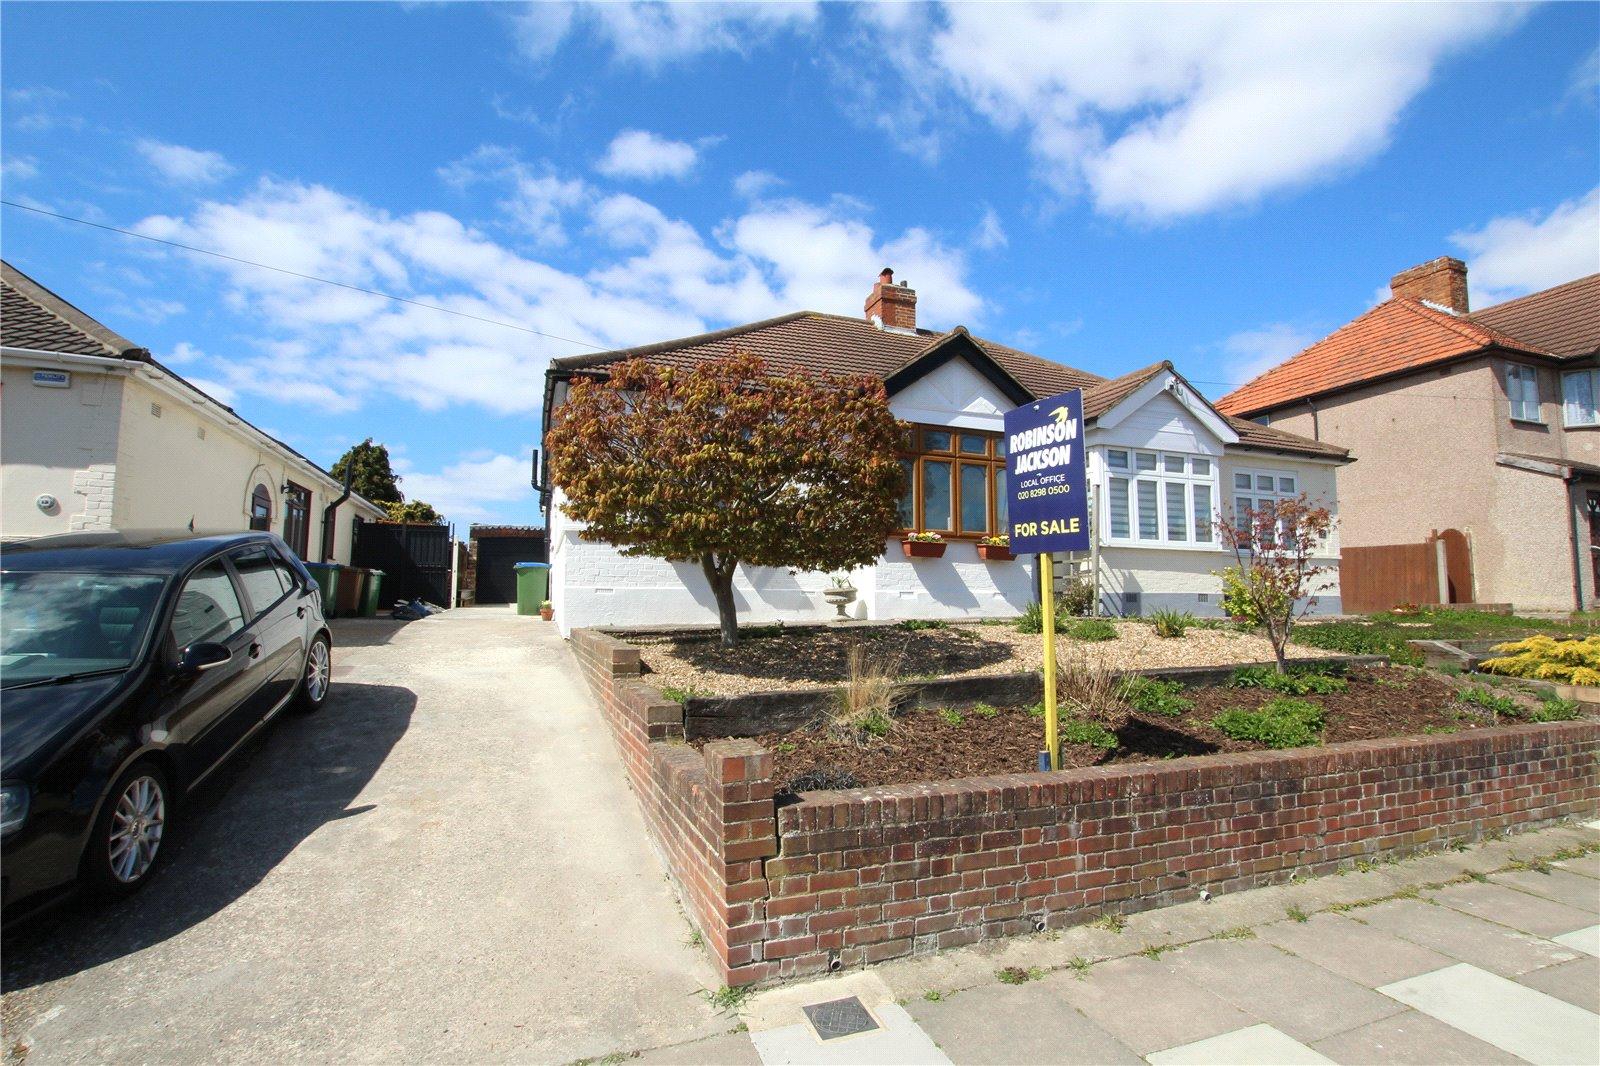 Leechcroft Avenue, Blackfen, Kent, DA15